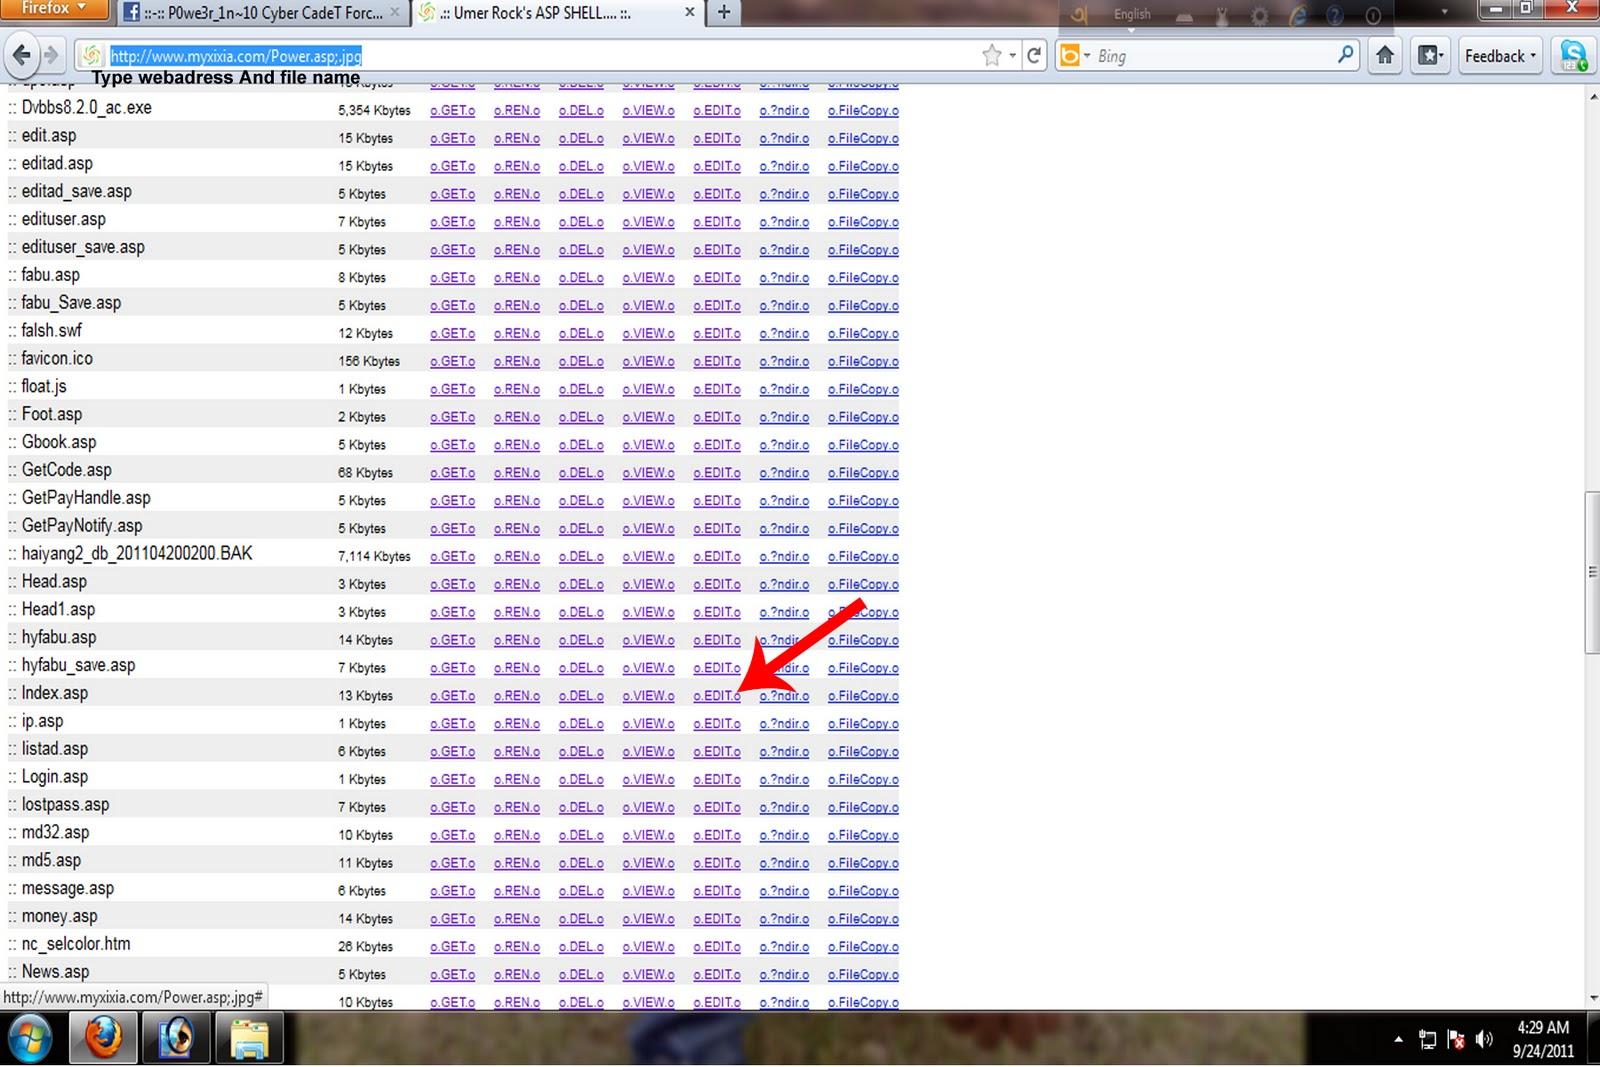 https://lh4.googleusercontent.com/-ORcg4g1_O0w/Tn7HuSCwvEI/AAAAAAAAAGE/FUKu-raeoaI/s1600/no.15.jpg IIS Exploit সম্পূর্ণ বাংলা হ্যাকিং টিউটোরিয়াল (উইন্ডোজ ৭) | পর্ব-৭